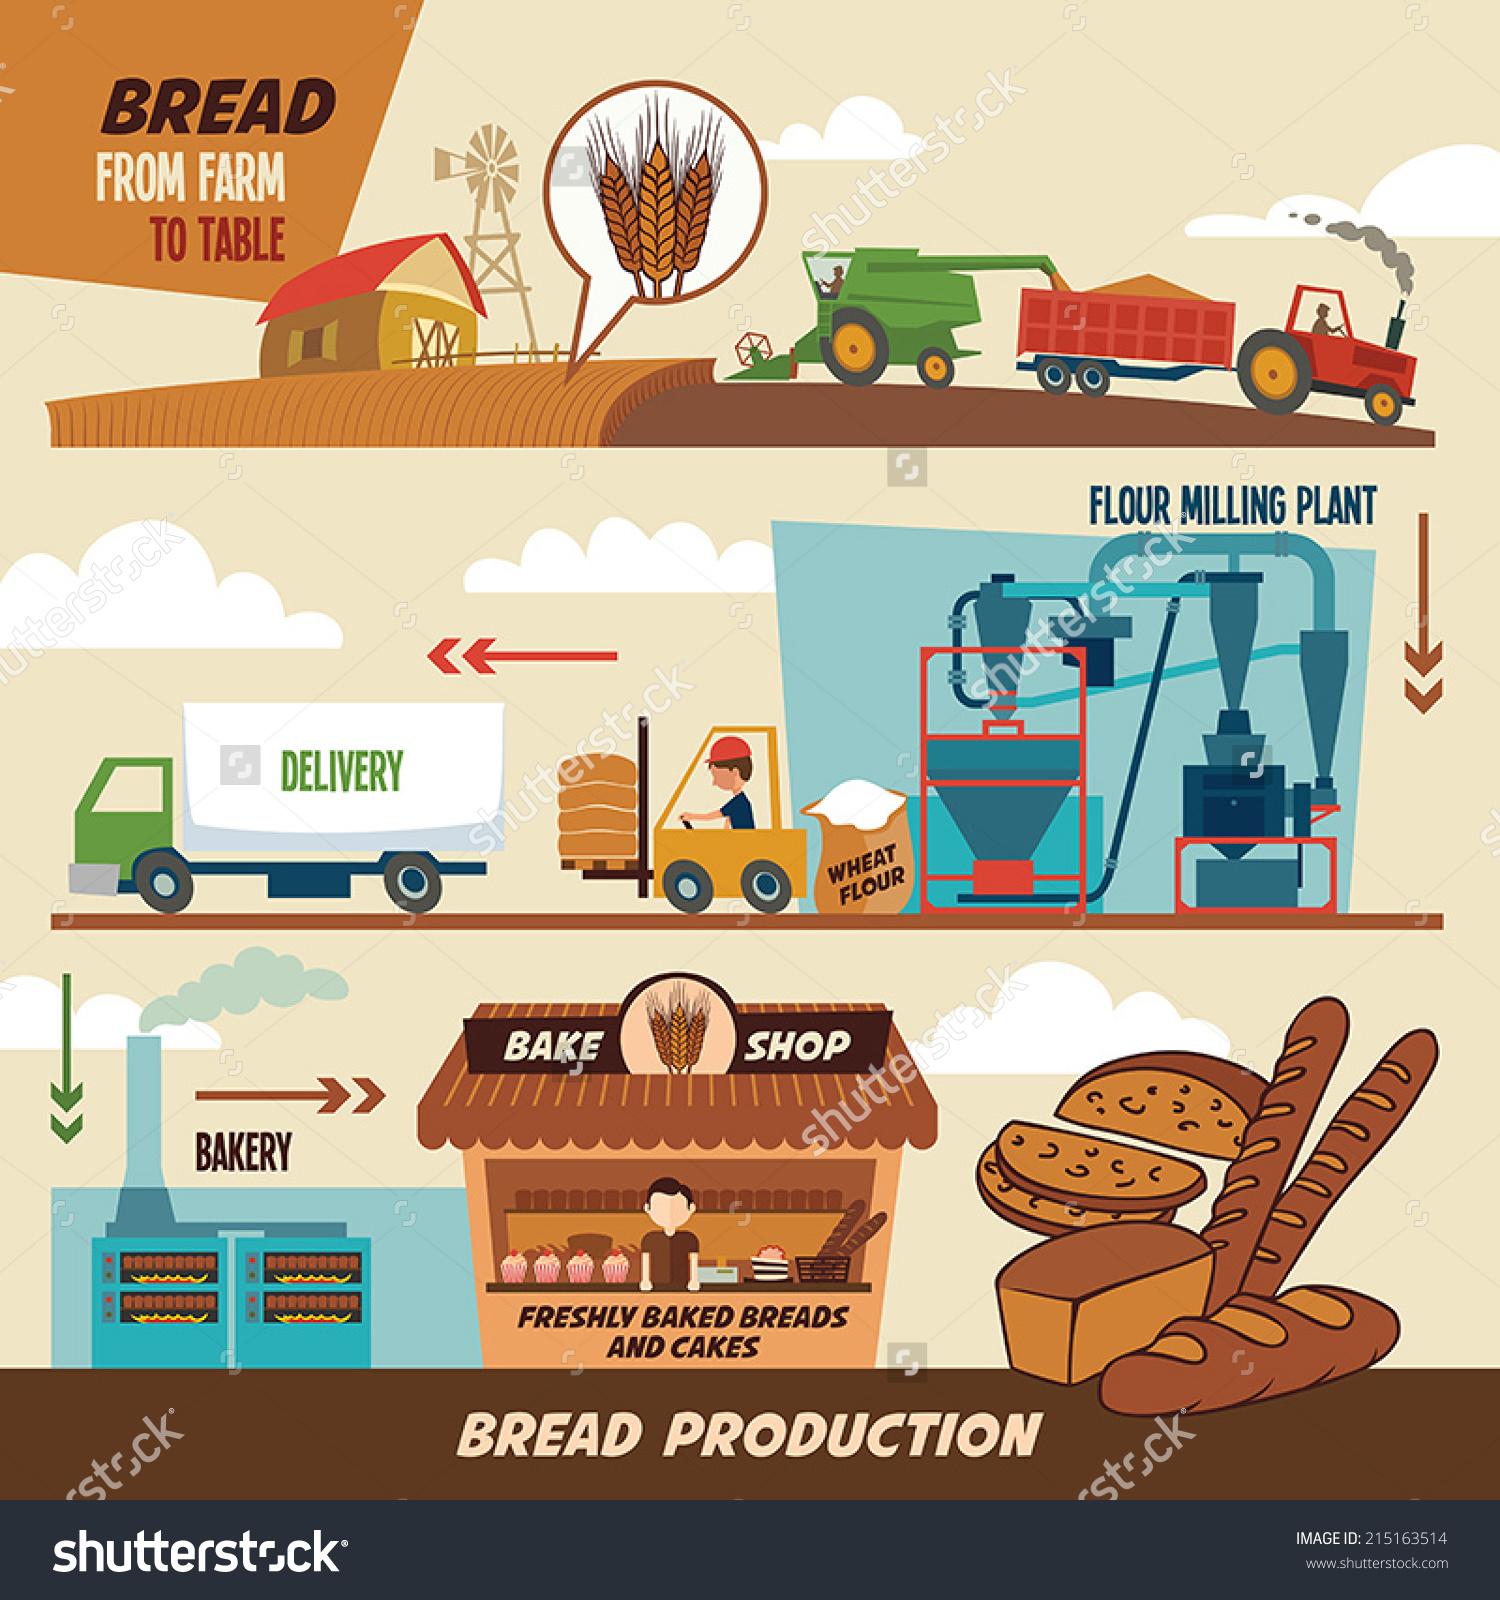 Para la producción de bienes finales (pan) se necesita previamente la inversión en bienes de capital y bienes intermedios, para lo cual se requiere ahorro para así poder llevar a cabo proyectos de inversión que llevan un largo período de tiempo.